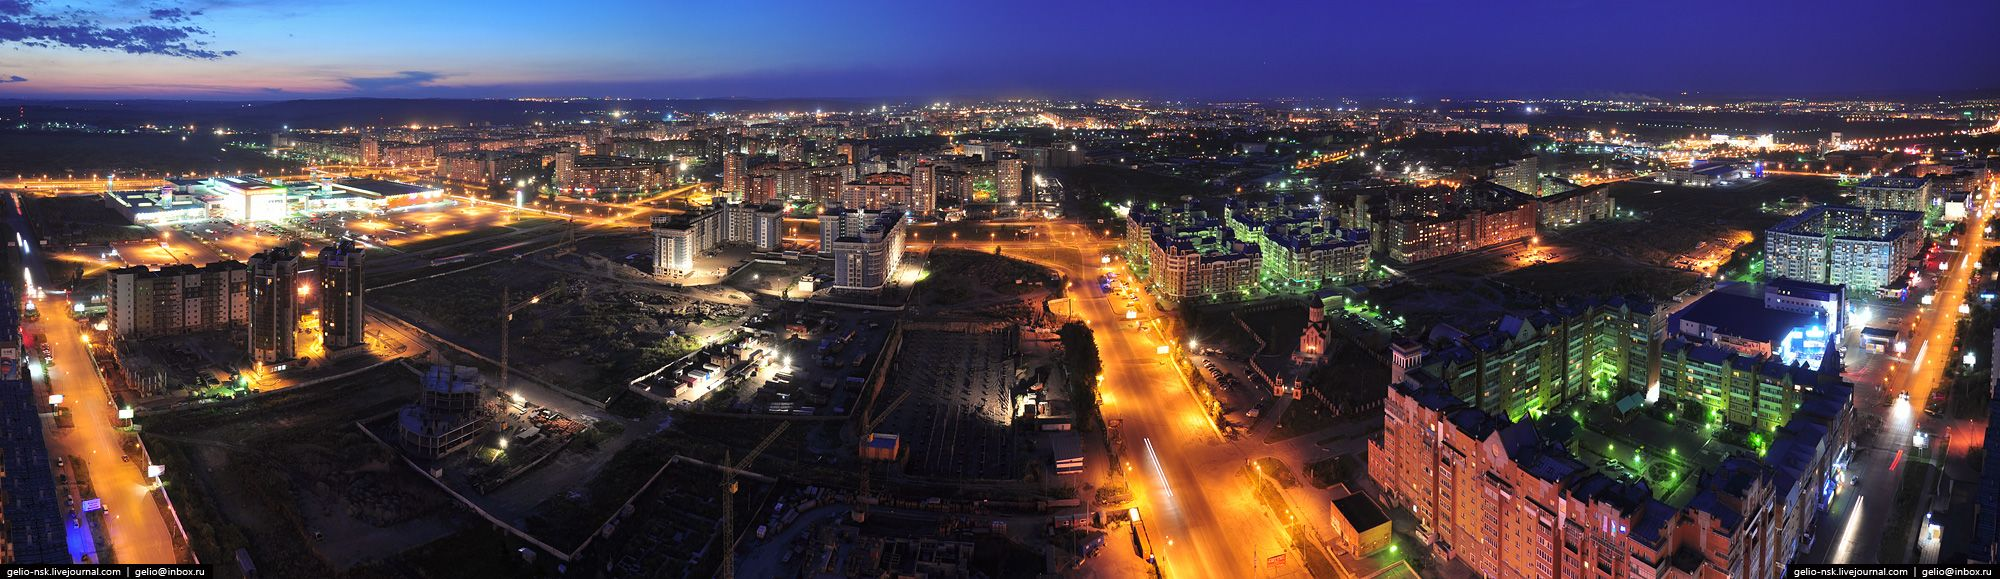 Снять квартиру посуточно в Иркутске - аренда квартиры на сутки, неделю, месяц